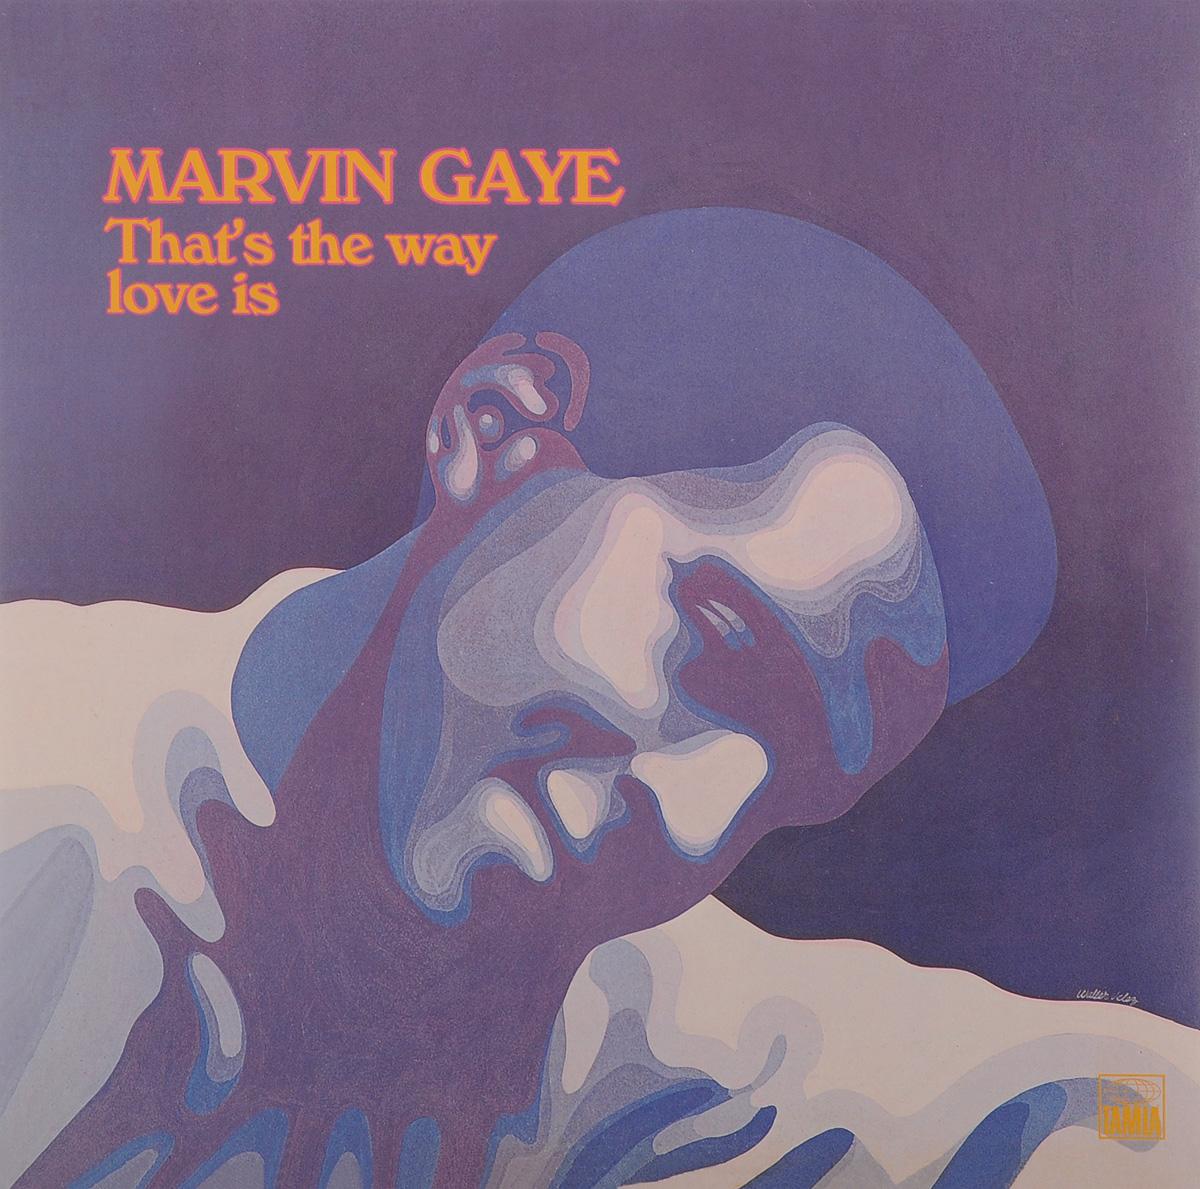 Марвин Гэй Marvin Gaye. That's The Way Love Is (LP) марвин гэй marvin gaye volume jne 1961 1965 7 lp